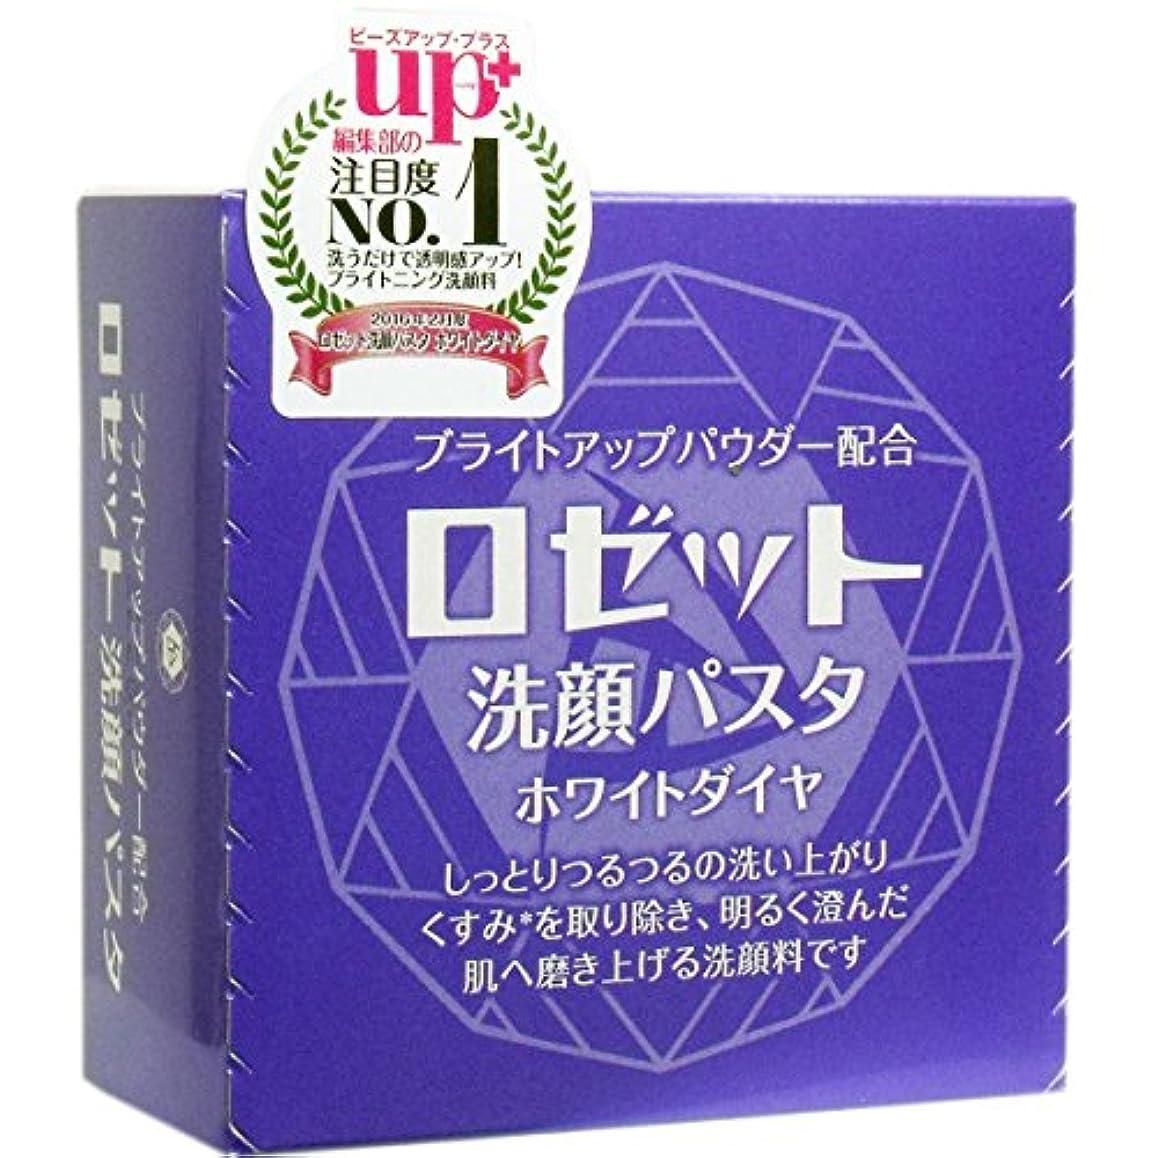 美容師自然変化ロゼット洗顔パスタ ホワイトダイヤ × 10個セット